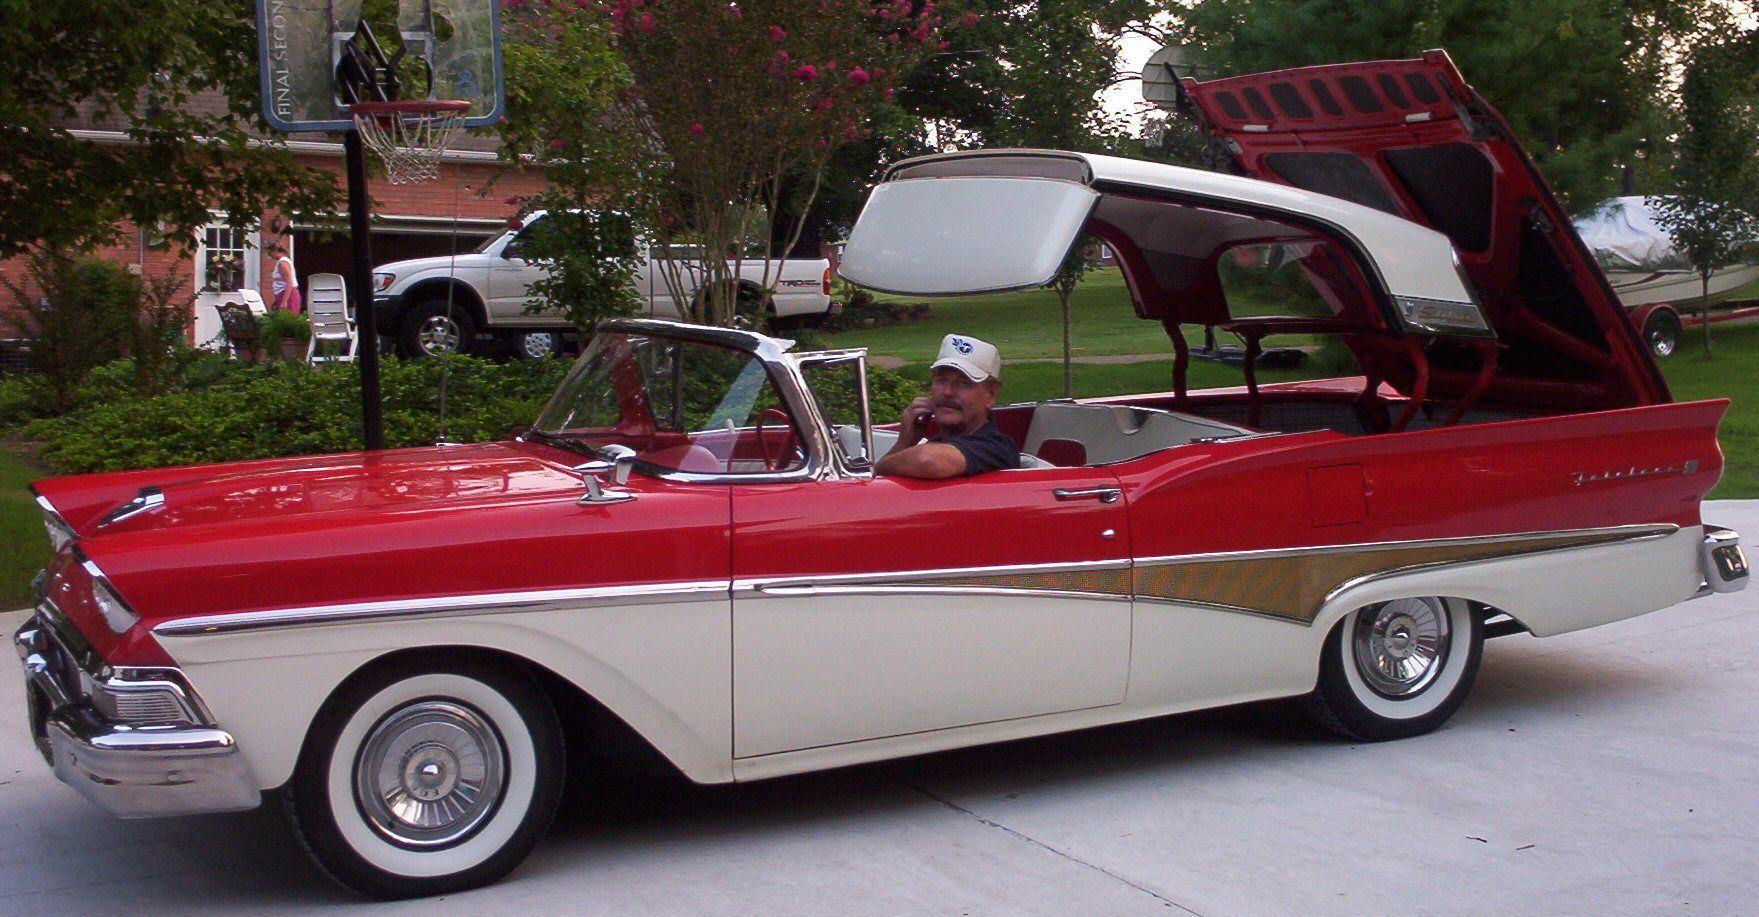 1958 Ford Fairlane | Carolina Muscle Cars Inc.